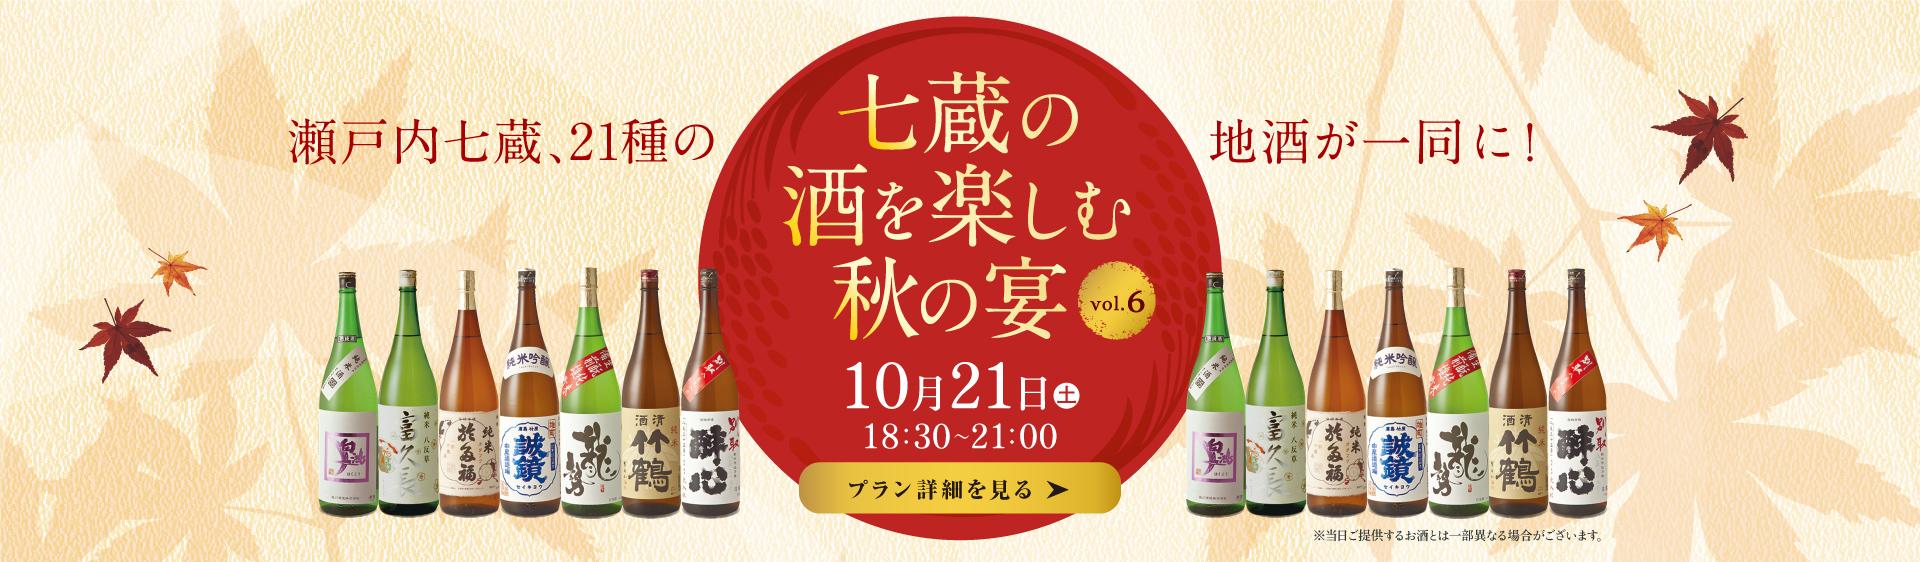 七蔵の酒を楽しむ秋の宴予約受付中!